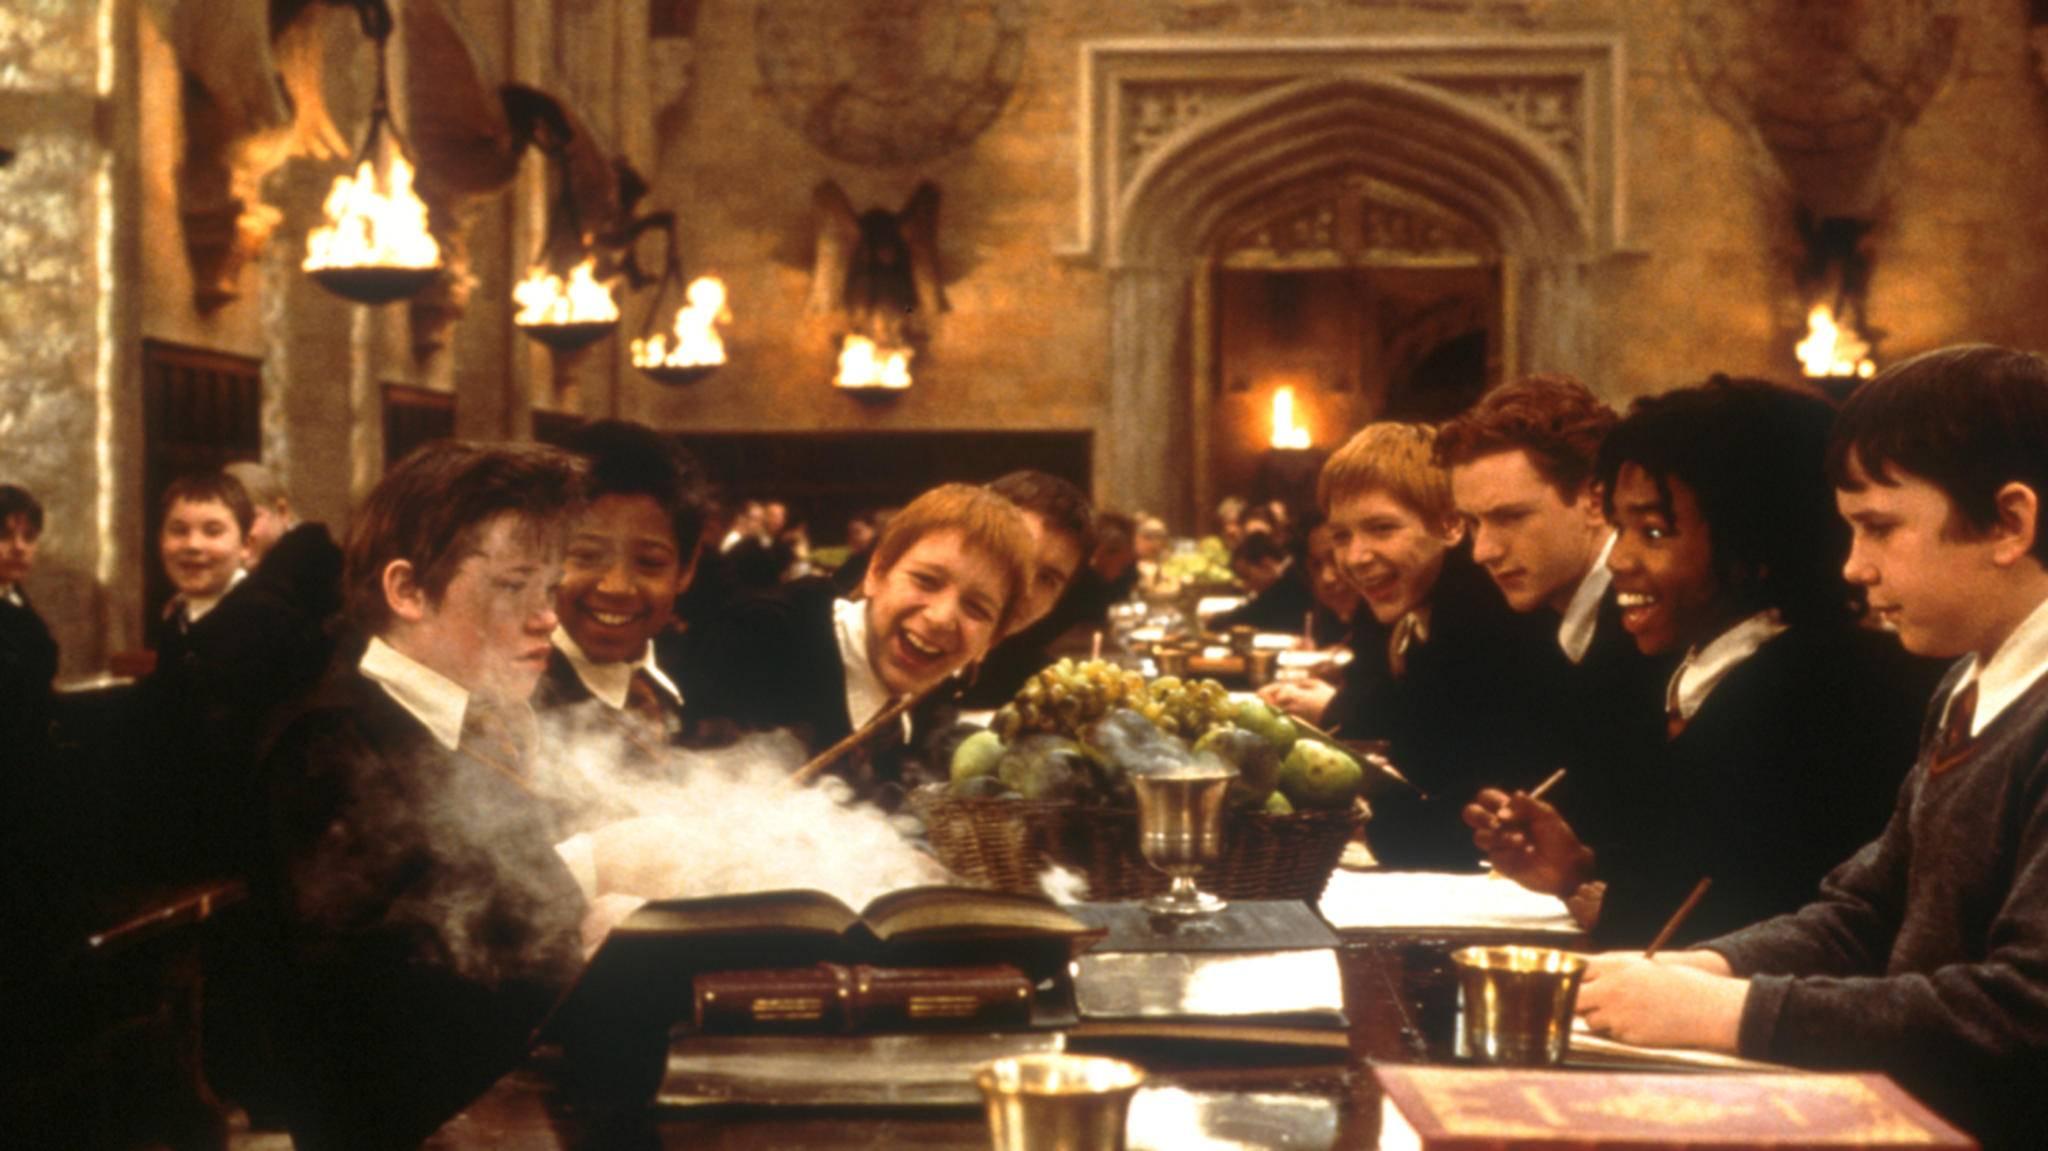 Kameradschaft und Zauberei wie auf Hogwarts verspricht die Bothwell School of Witchcraft.